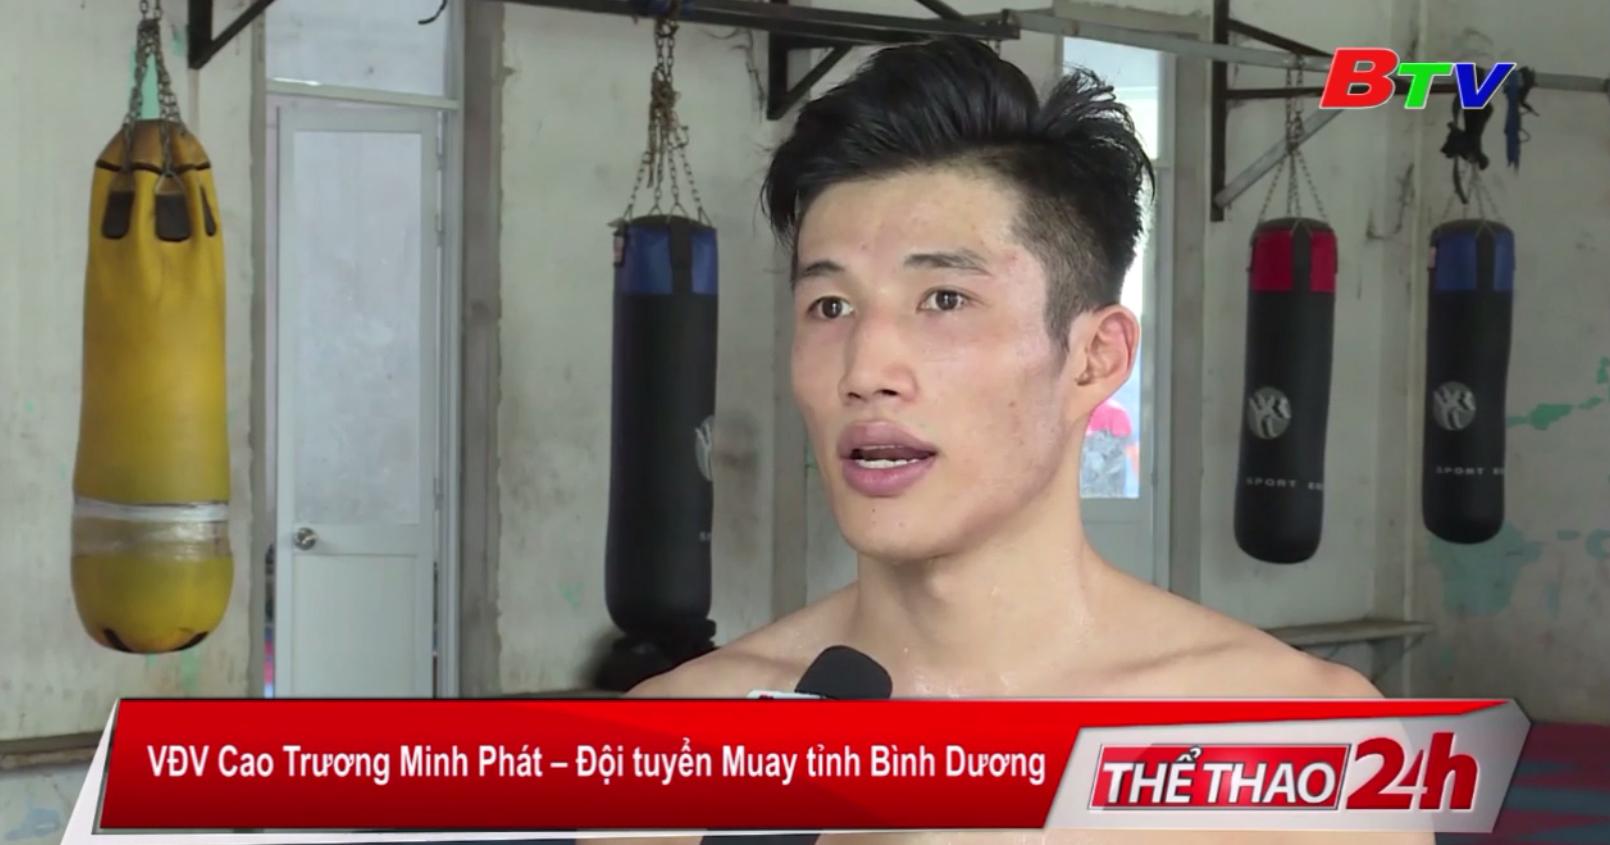 VĐV Trương Cao Minh Phát lần đầu tham dự sân chơi khu vực